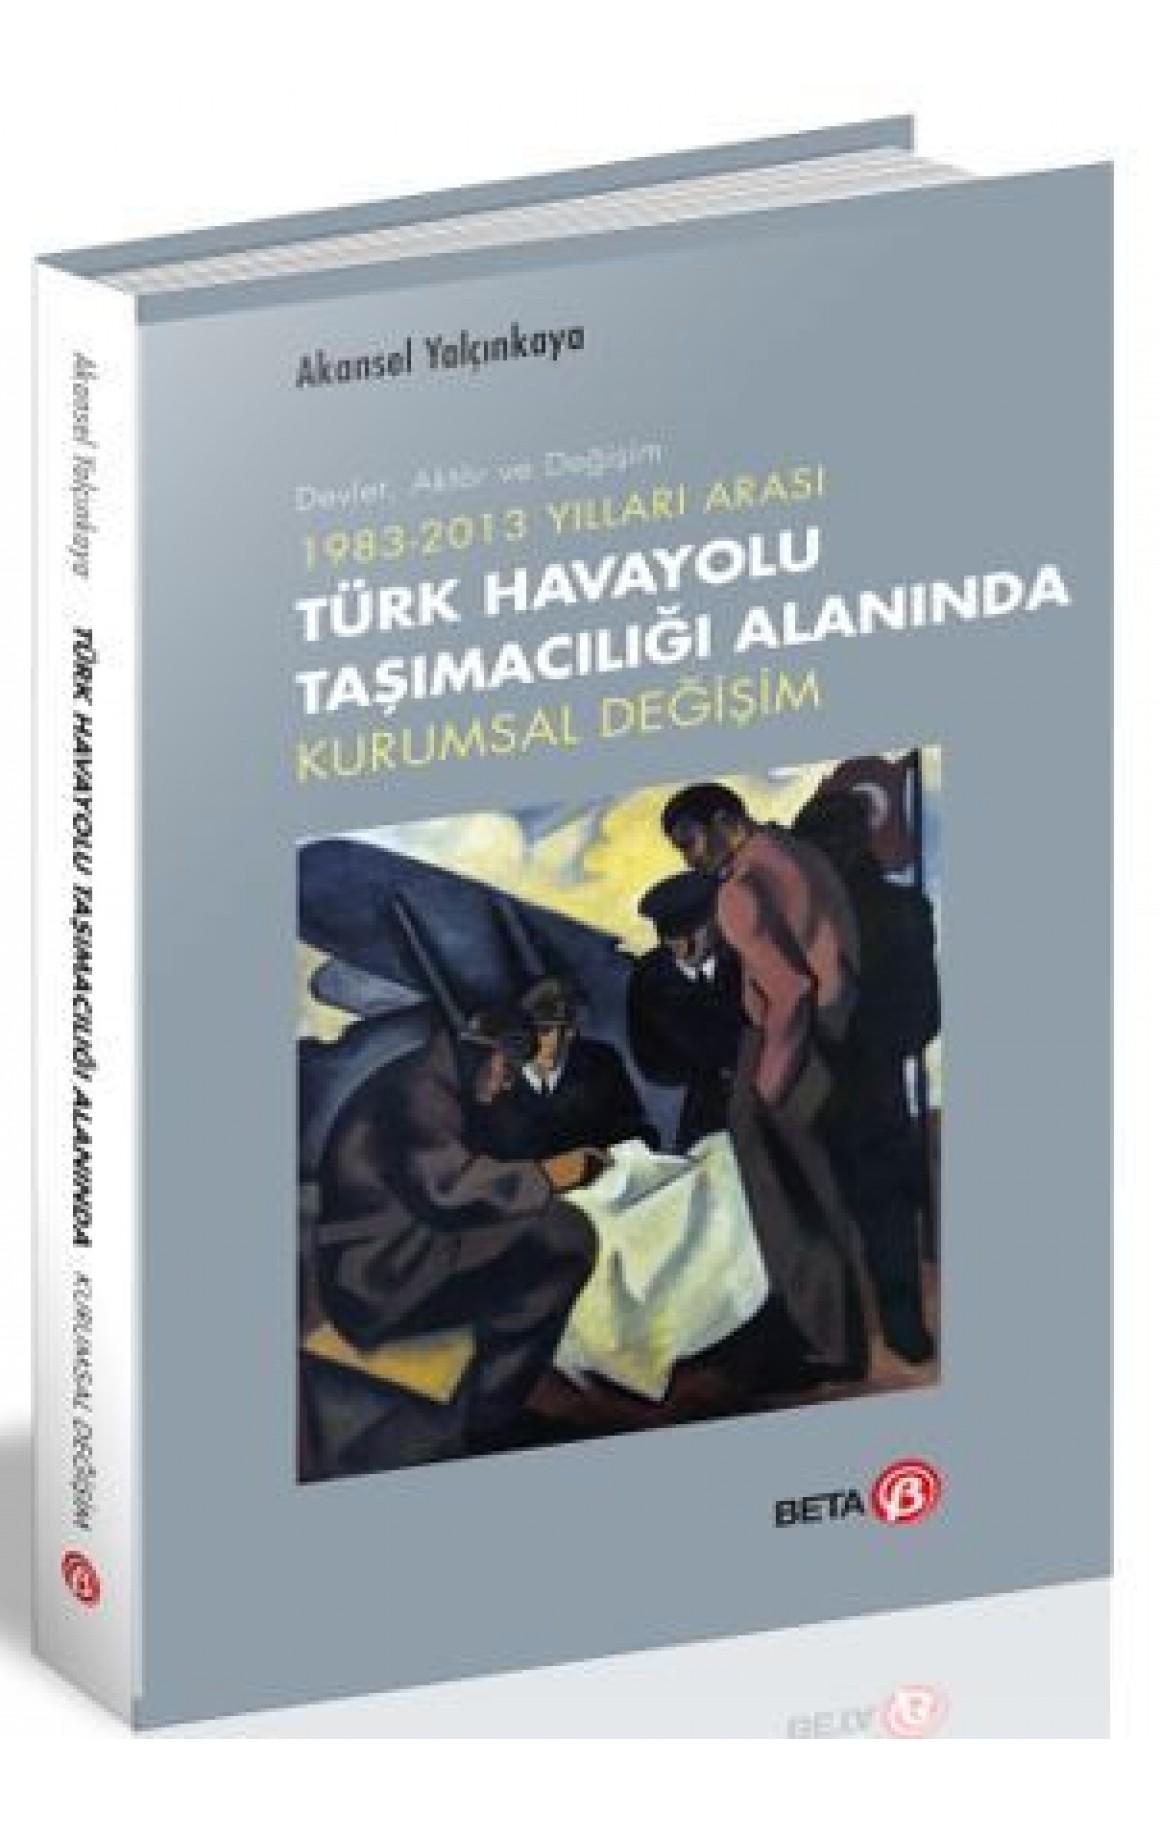 Türk Havayolu Taşımacılığı Alanında Kurumsal Değişim